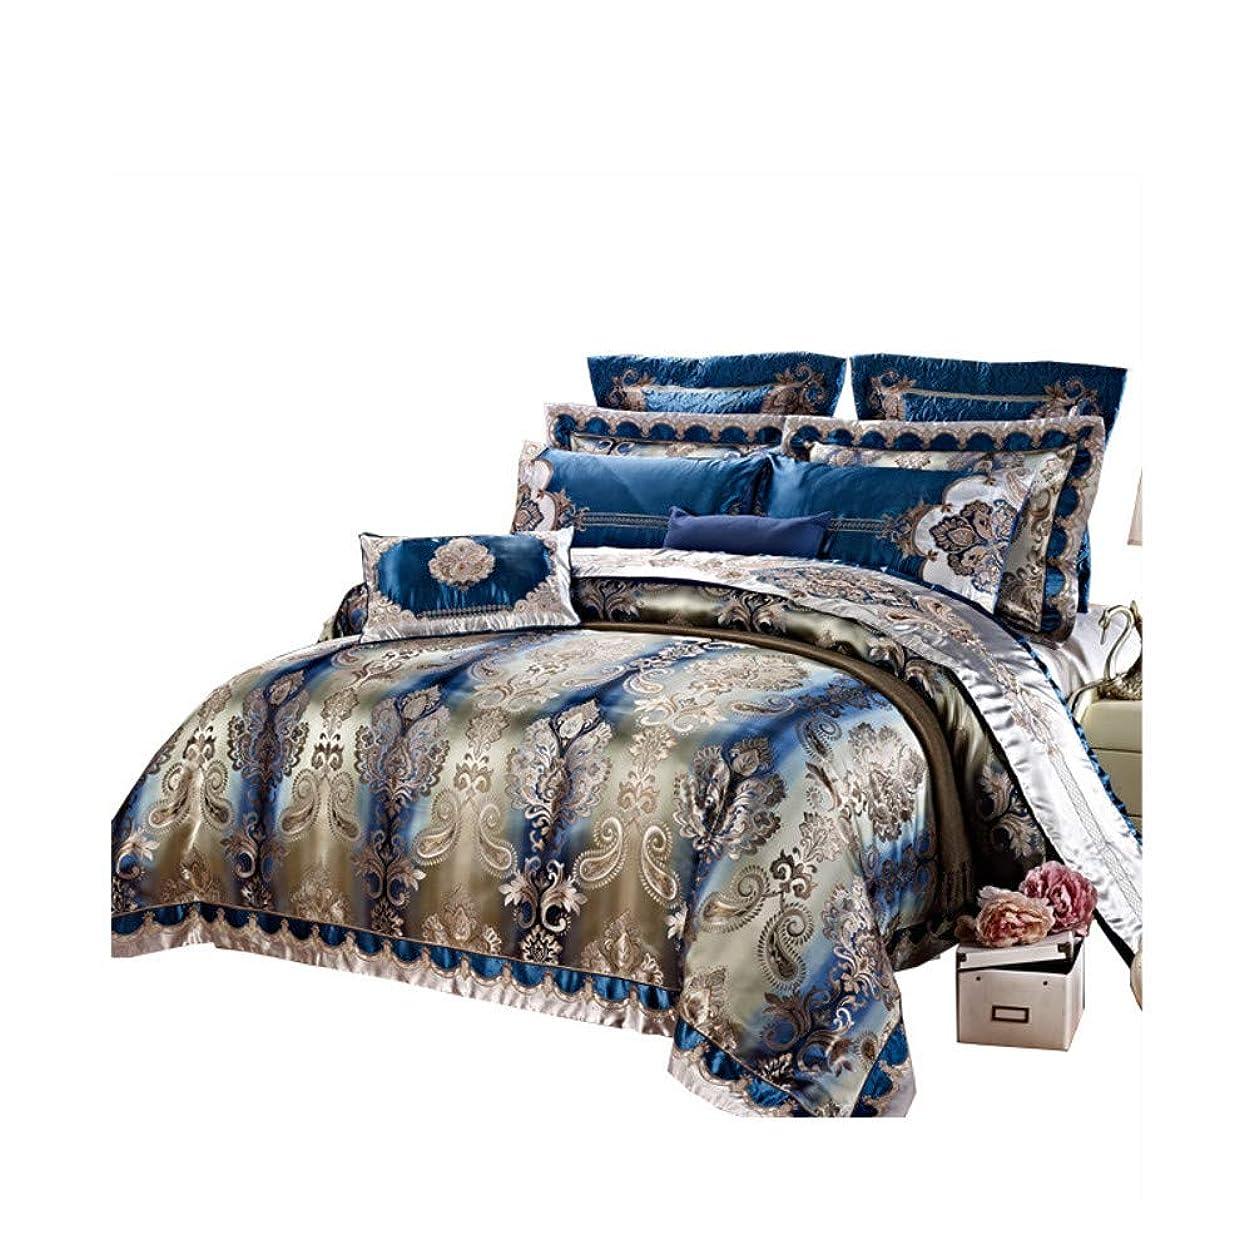 適性可能にする食い違い羽毛布団カバーセット サテン ジャカード 寝具ベッド, 10% シルク 100% 高級 しわ 耐フェード 寝具セット 流行色 ファッションの色 - 青-A